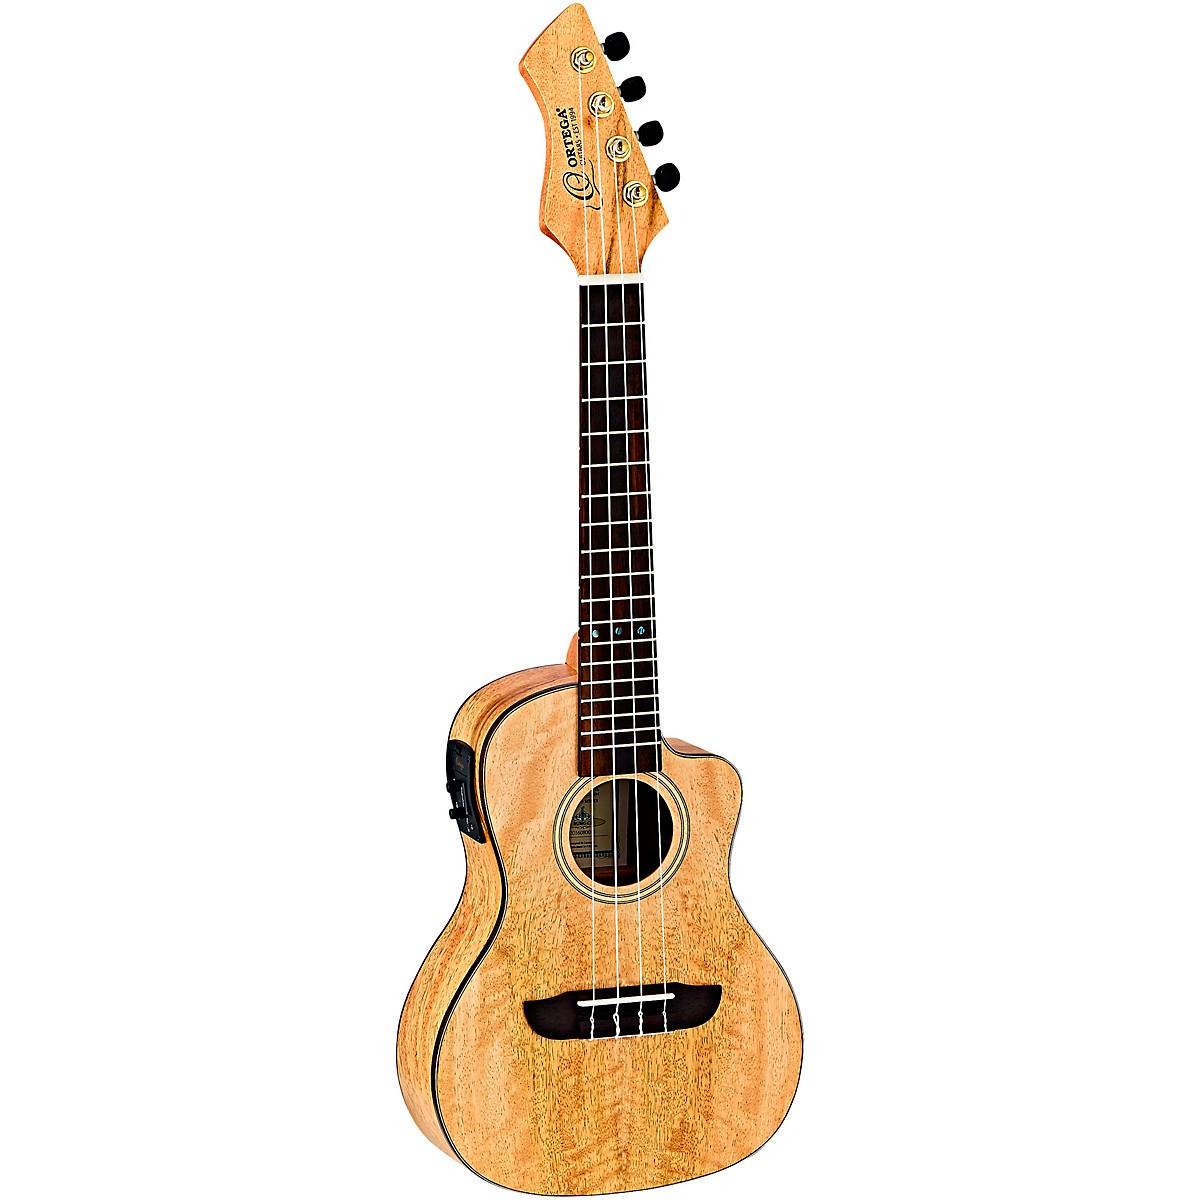 Ortega Horizon Series RUMG-CE Mango Concert Acoustic-Electric Ukulele